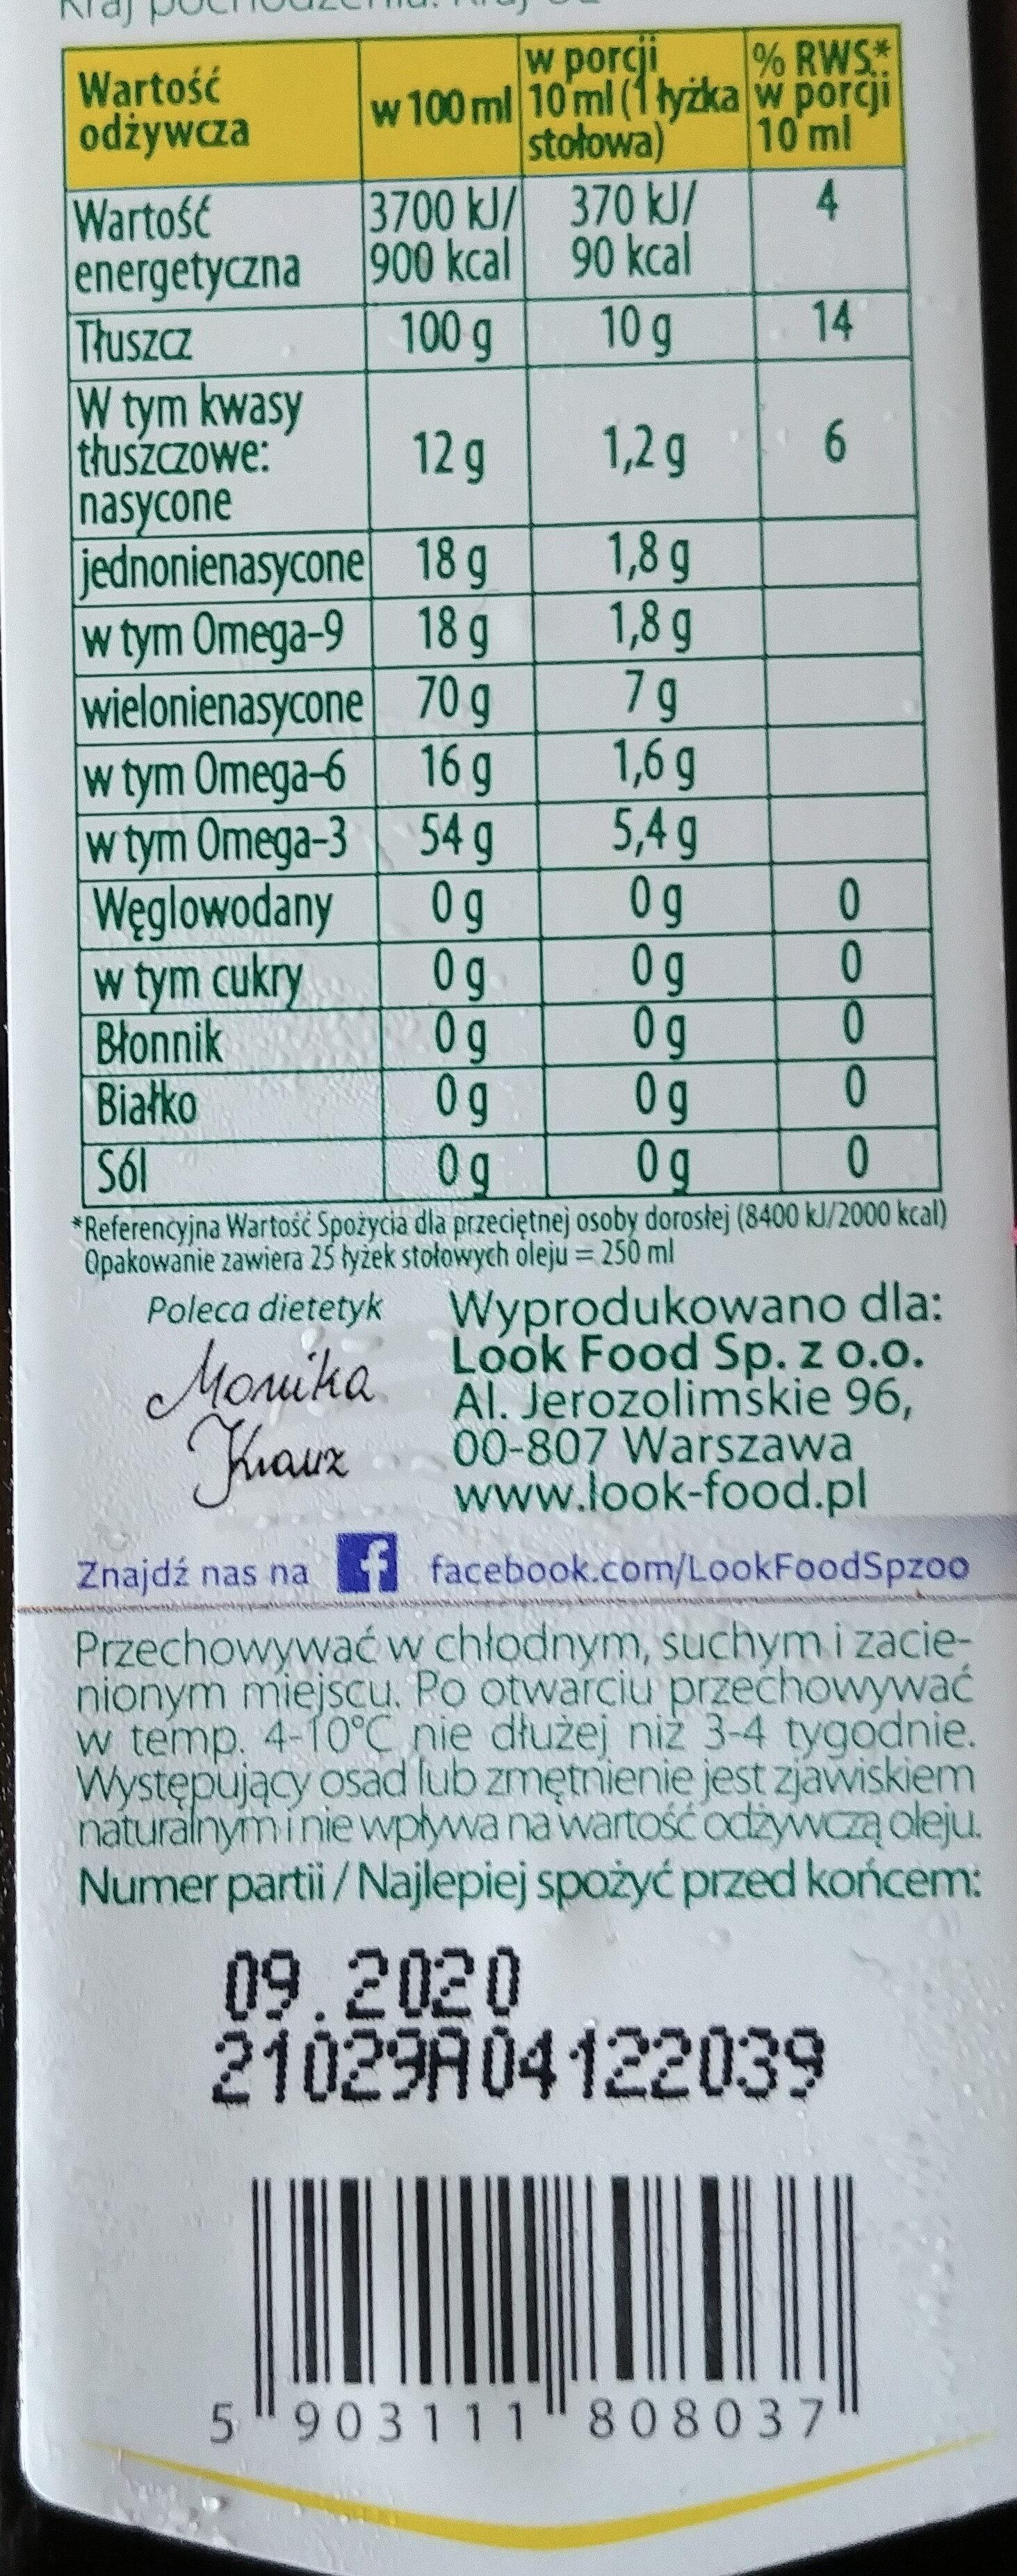 Olej lniany ekologiczny - Wartości odżywcze